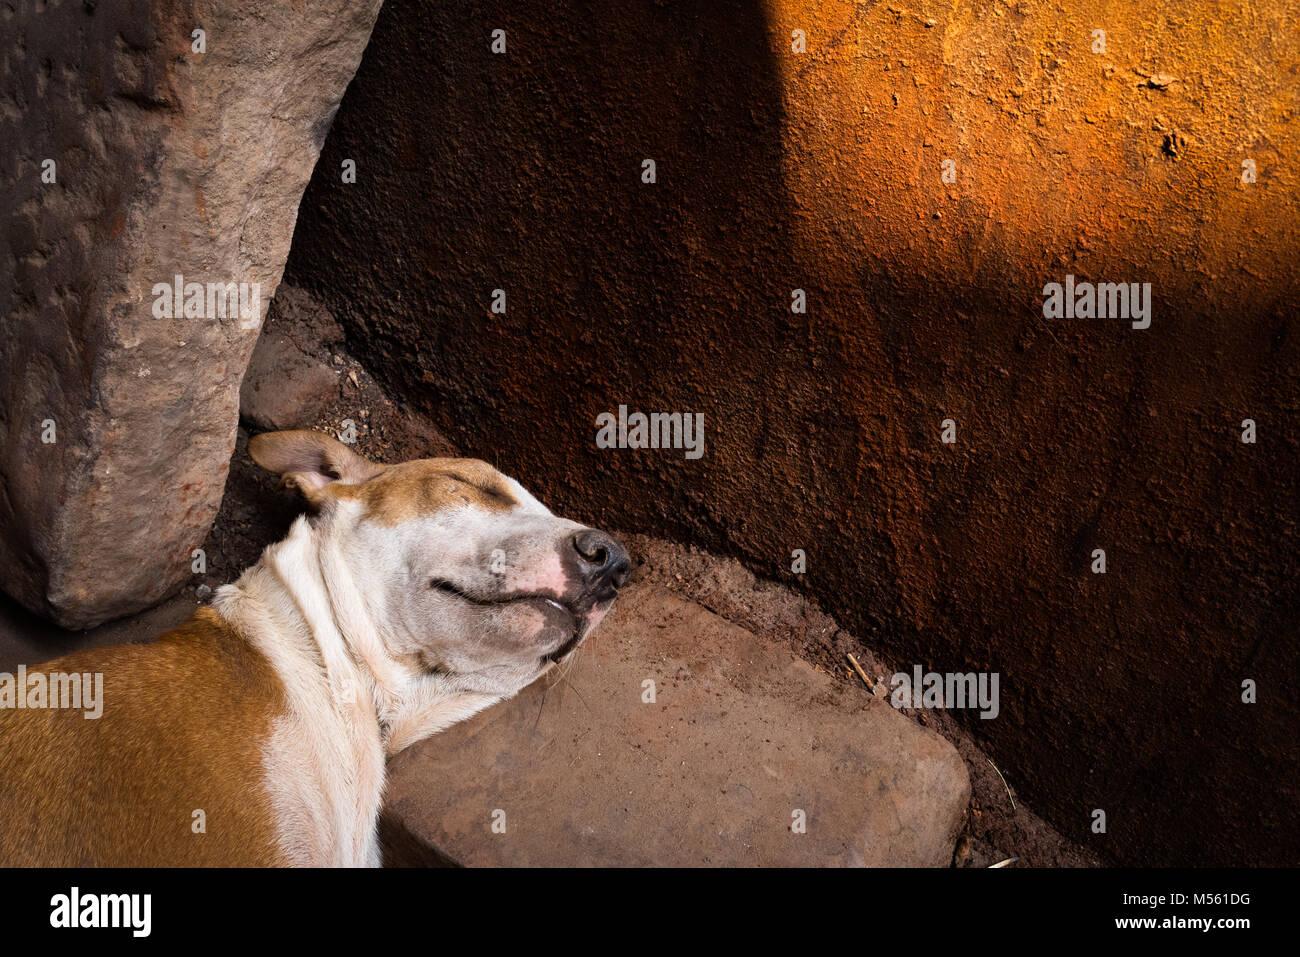 A dog sleeps on a rock in Varanasi, India - Stock Image